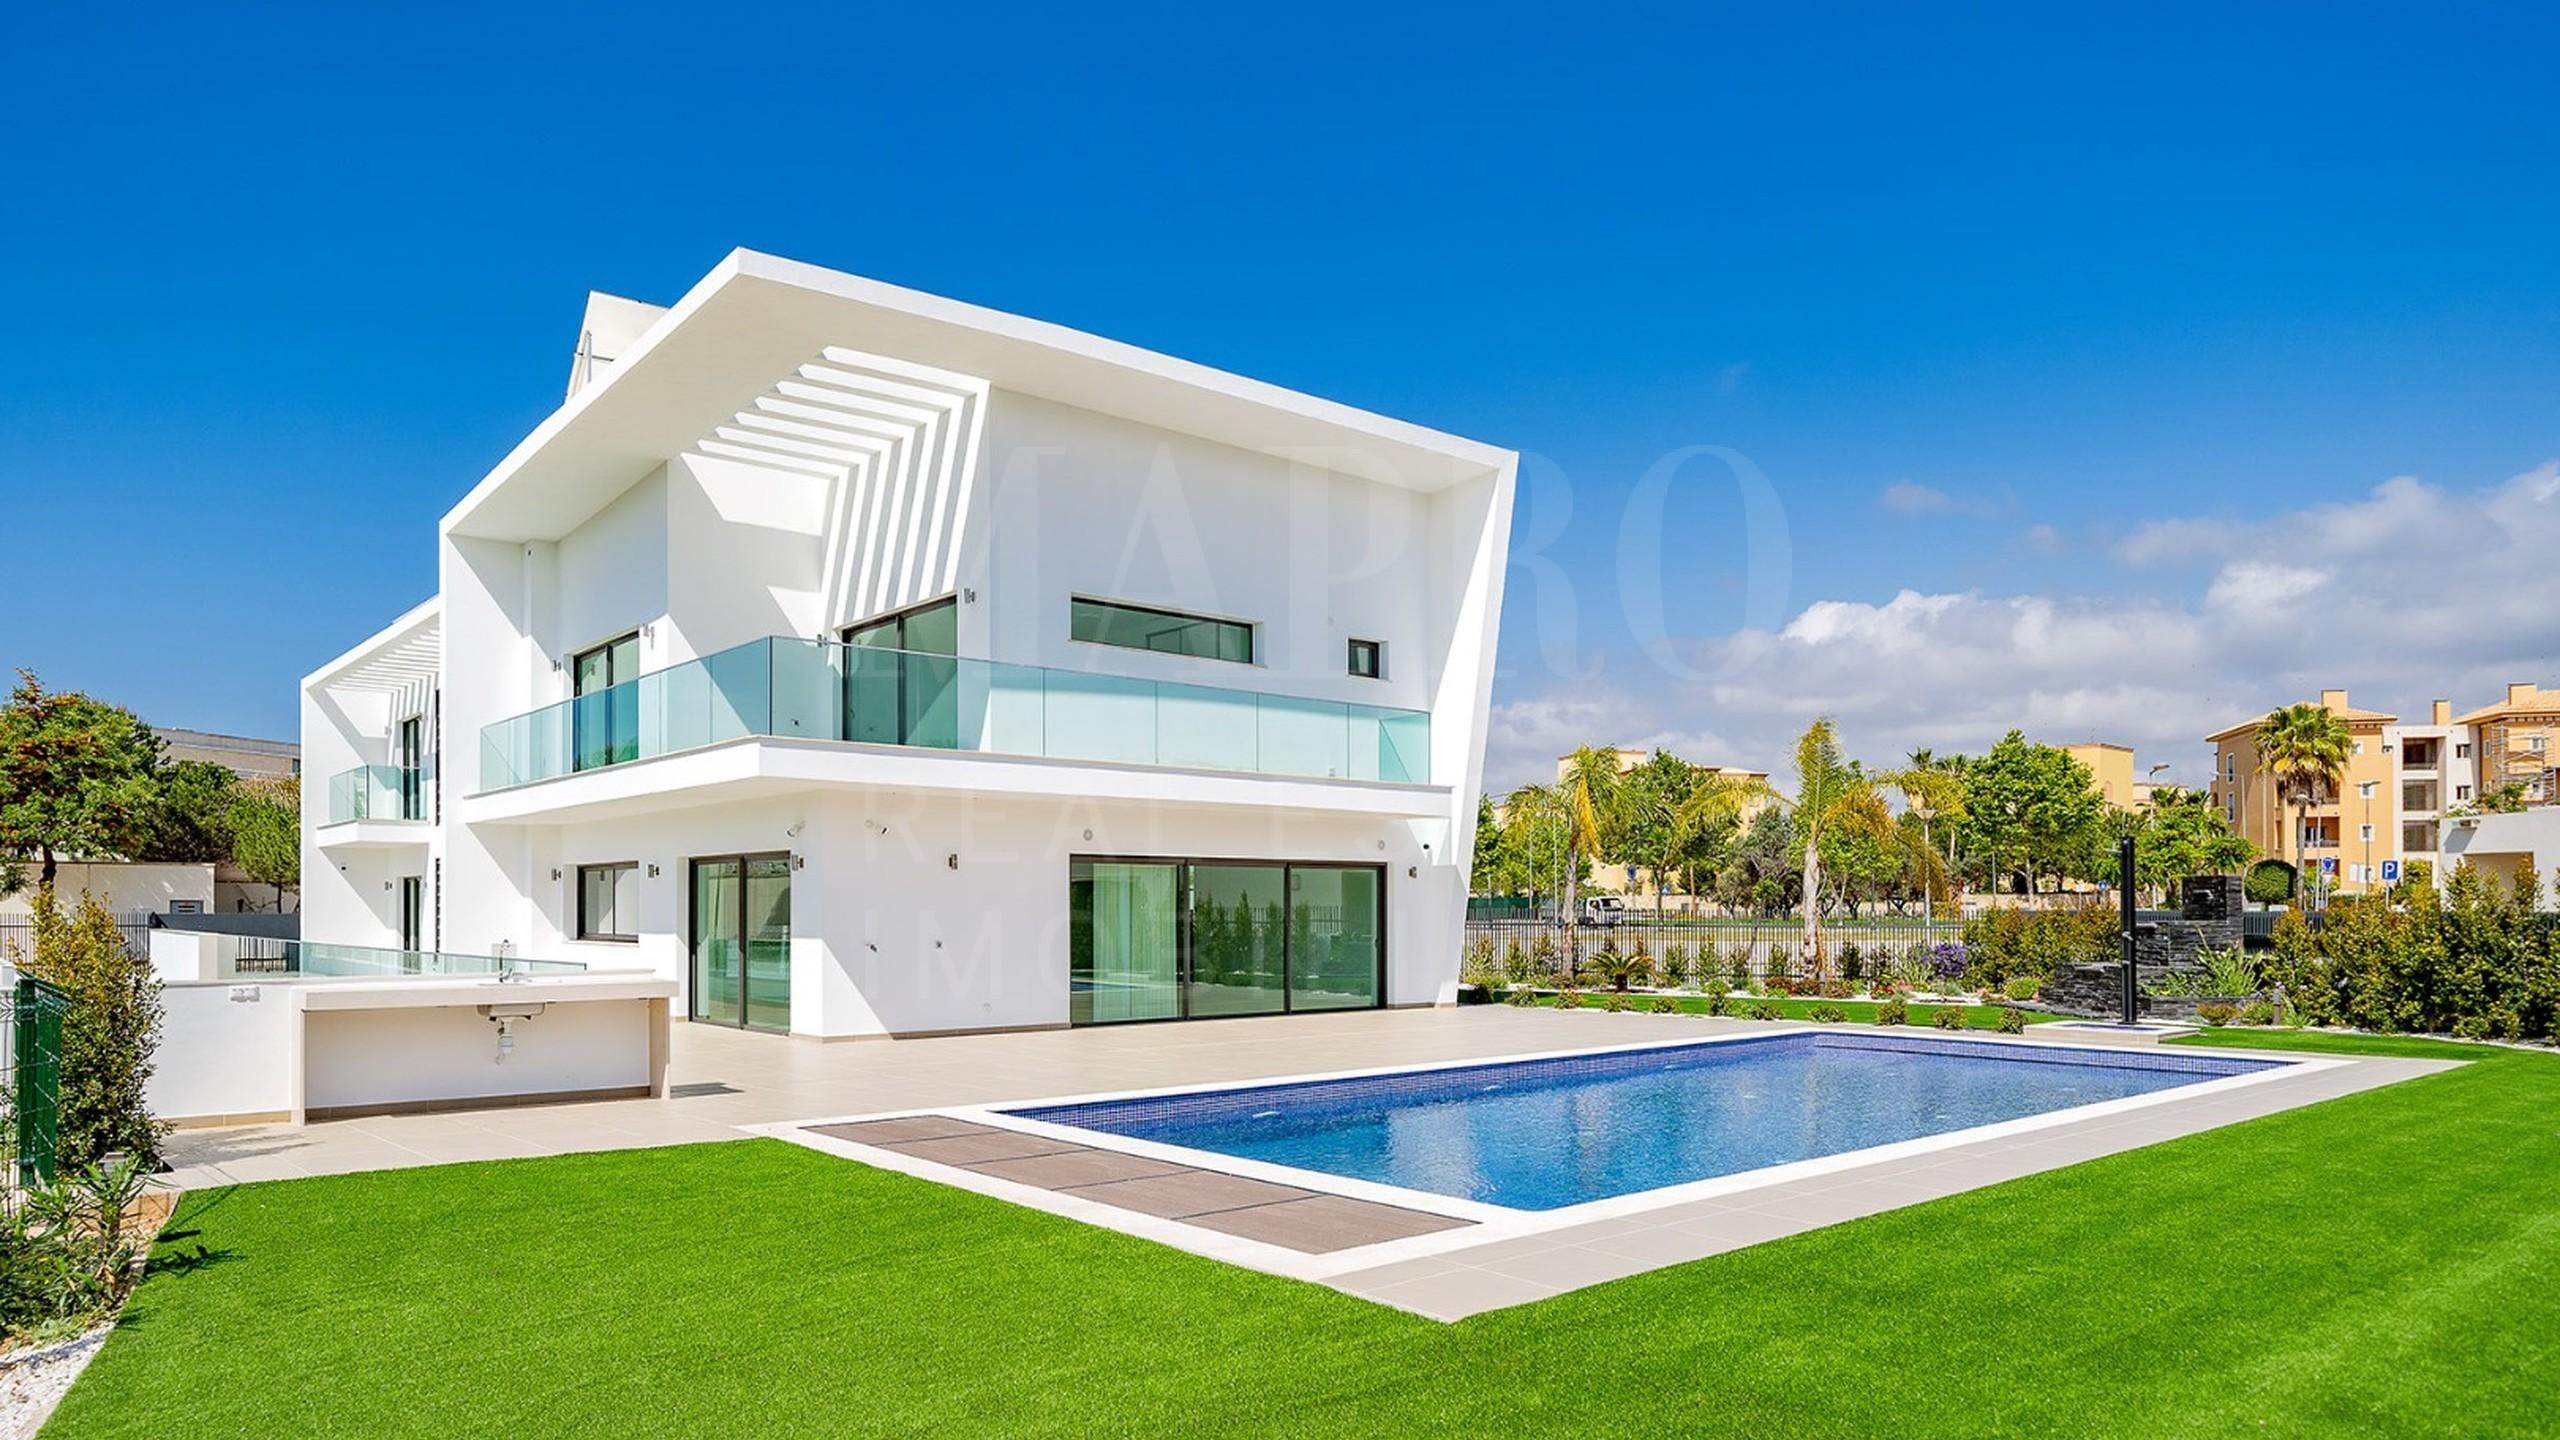 Villa moderne de 5 chambres à vendre à Vilamoura, Algarve